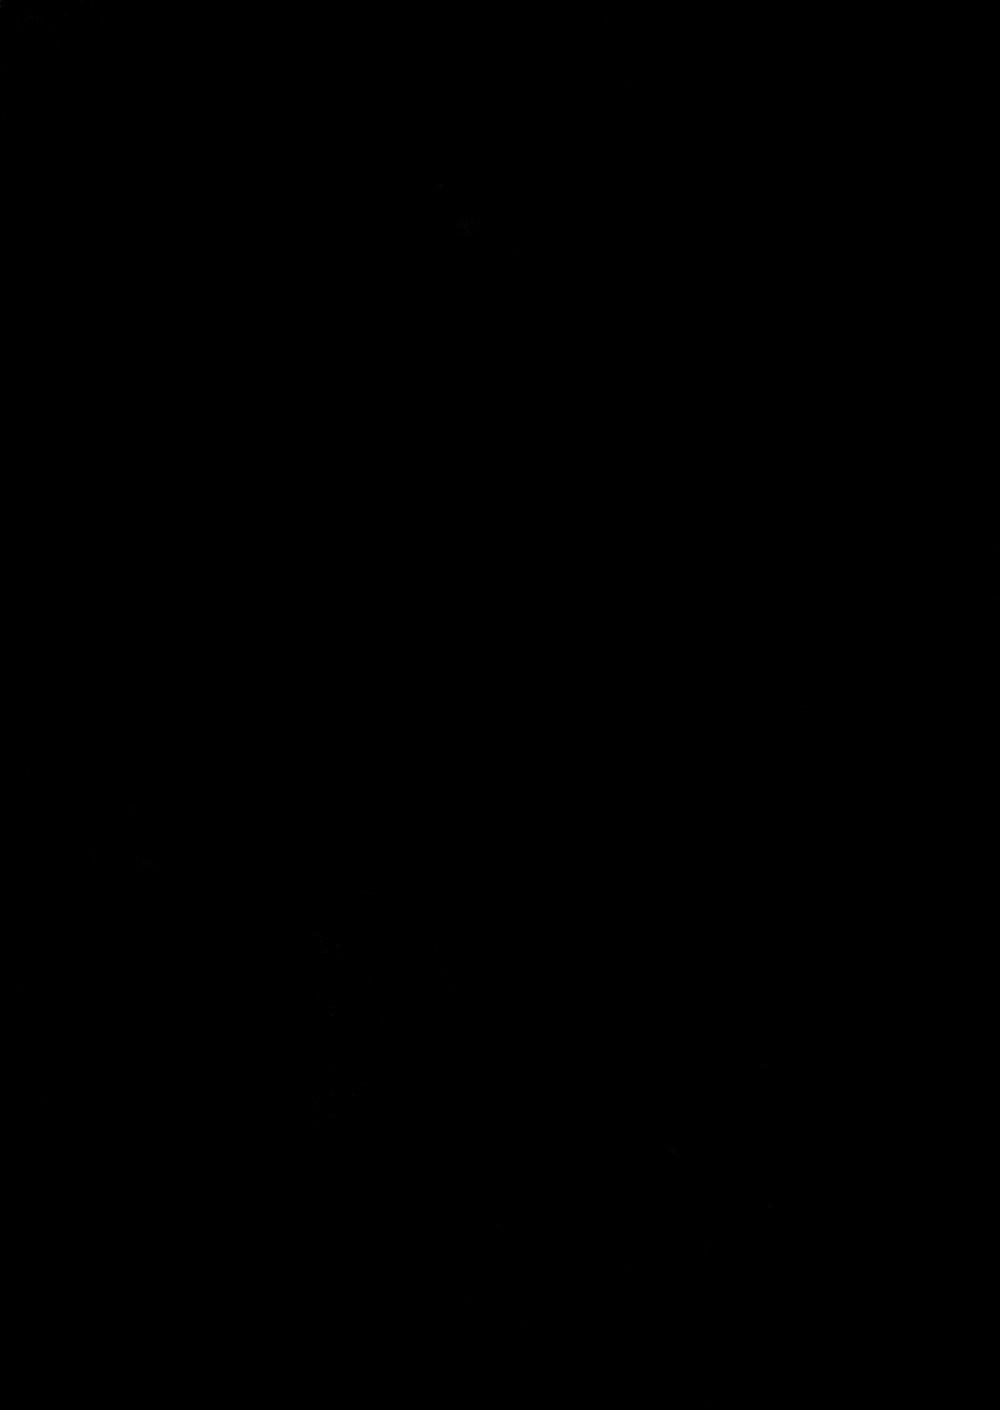 S/2006 S 1